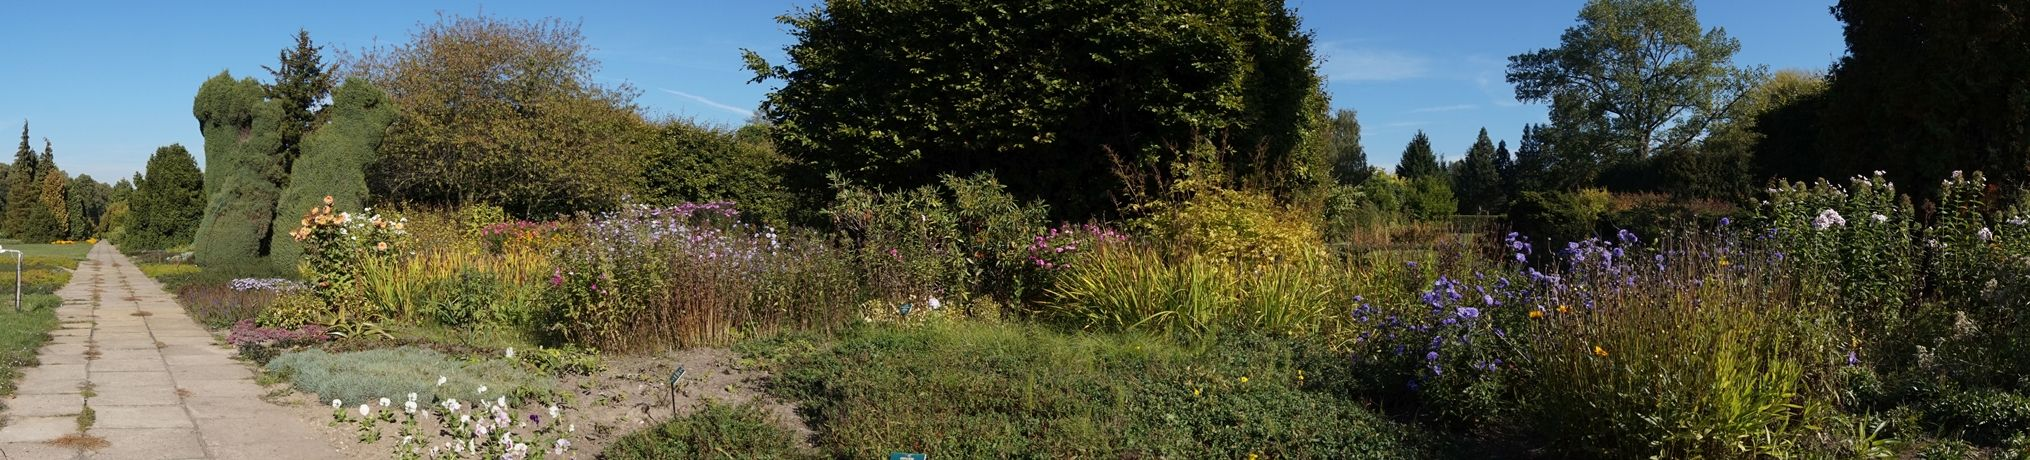 Ogród Botaniczny 10